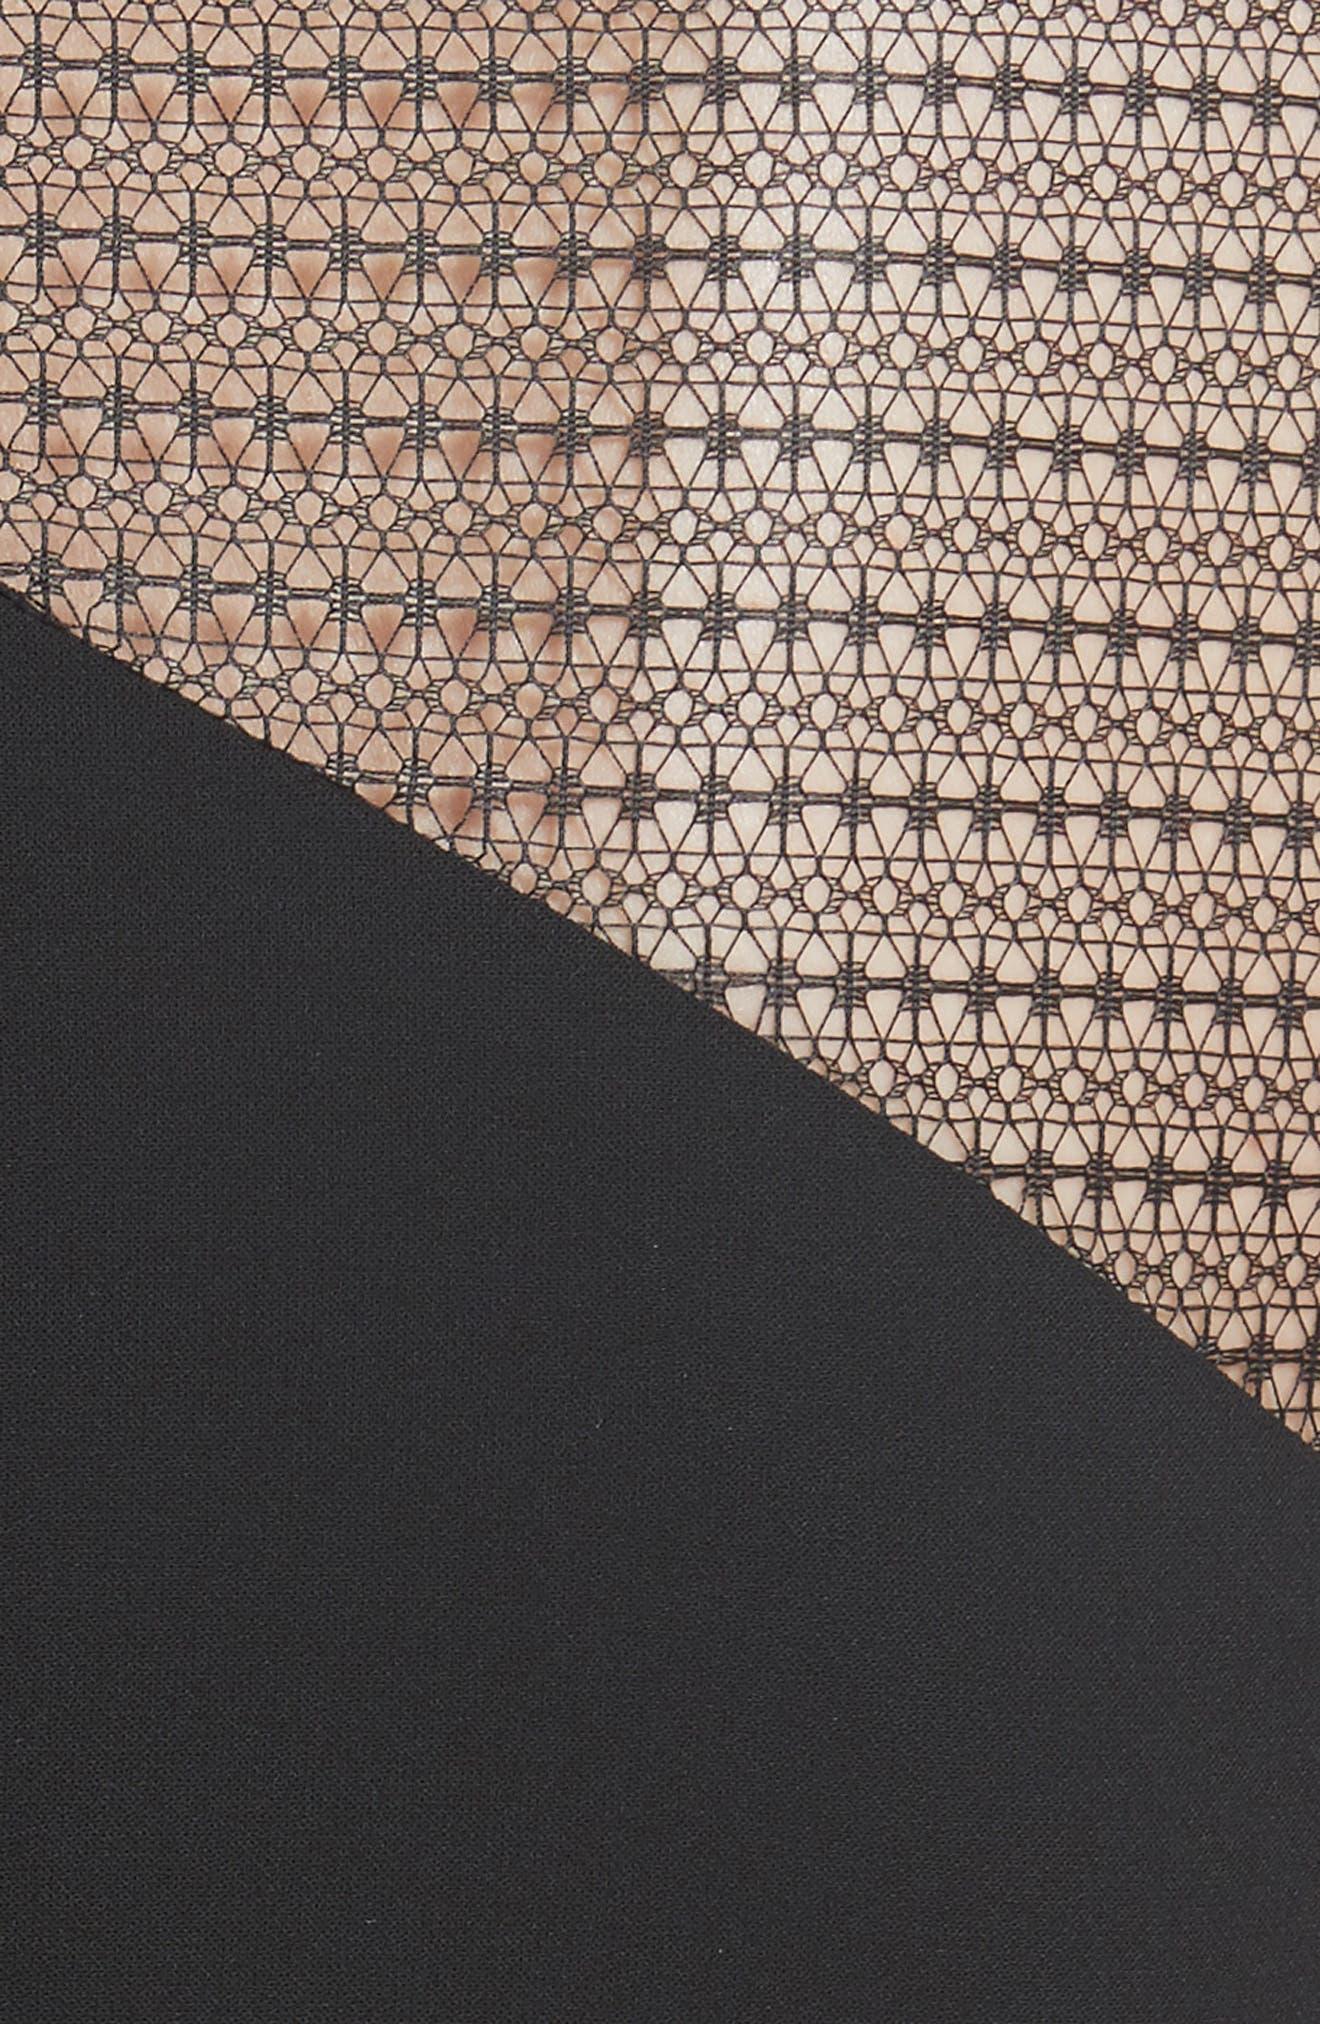 Ruffle Peplum Lace & Jersey Sheath Dress,                             Alternate thumbnail 5, color,                             001